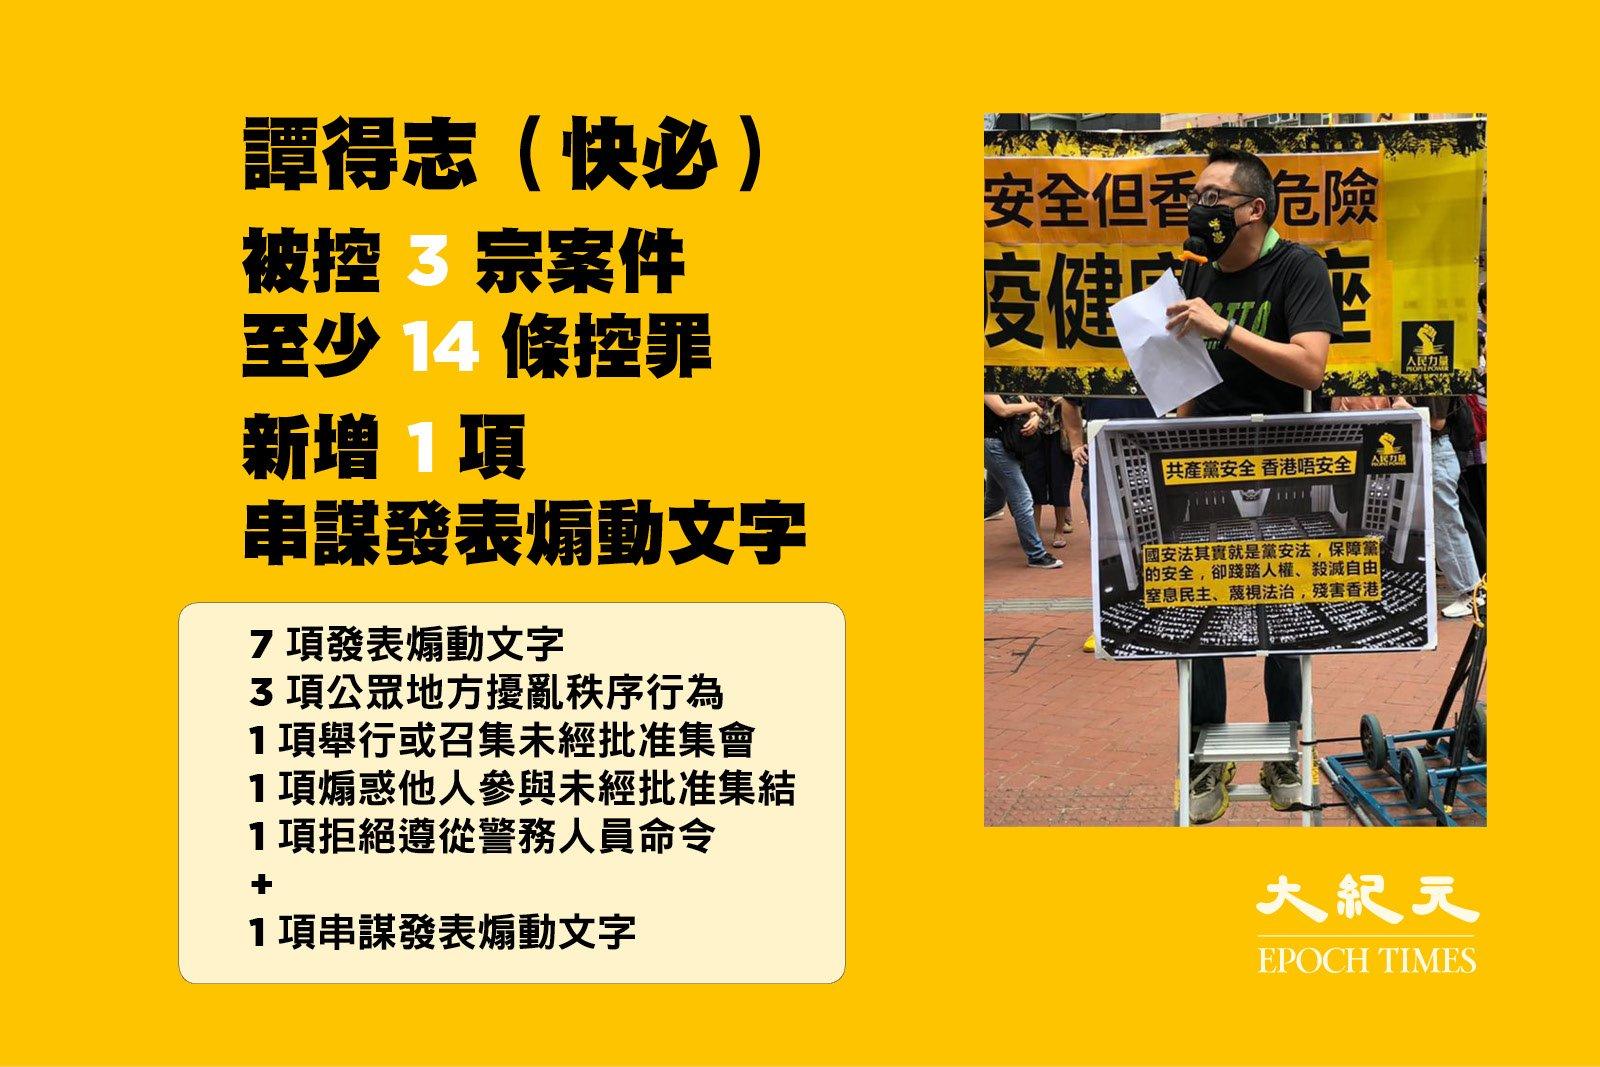 譚得志被控「發表煽動文字」等14項控罪。(大紀元製圖)